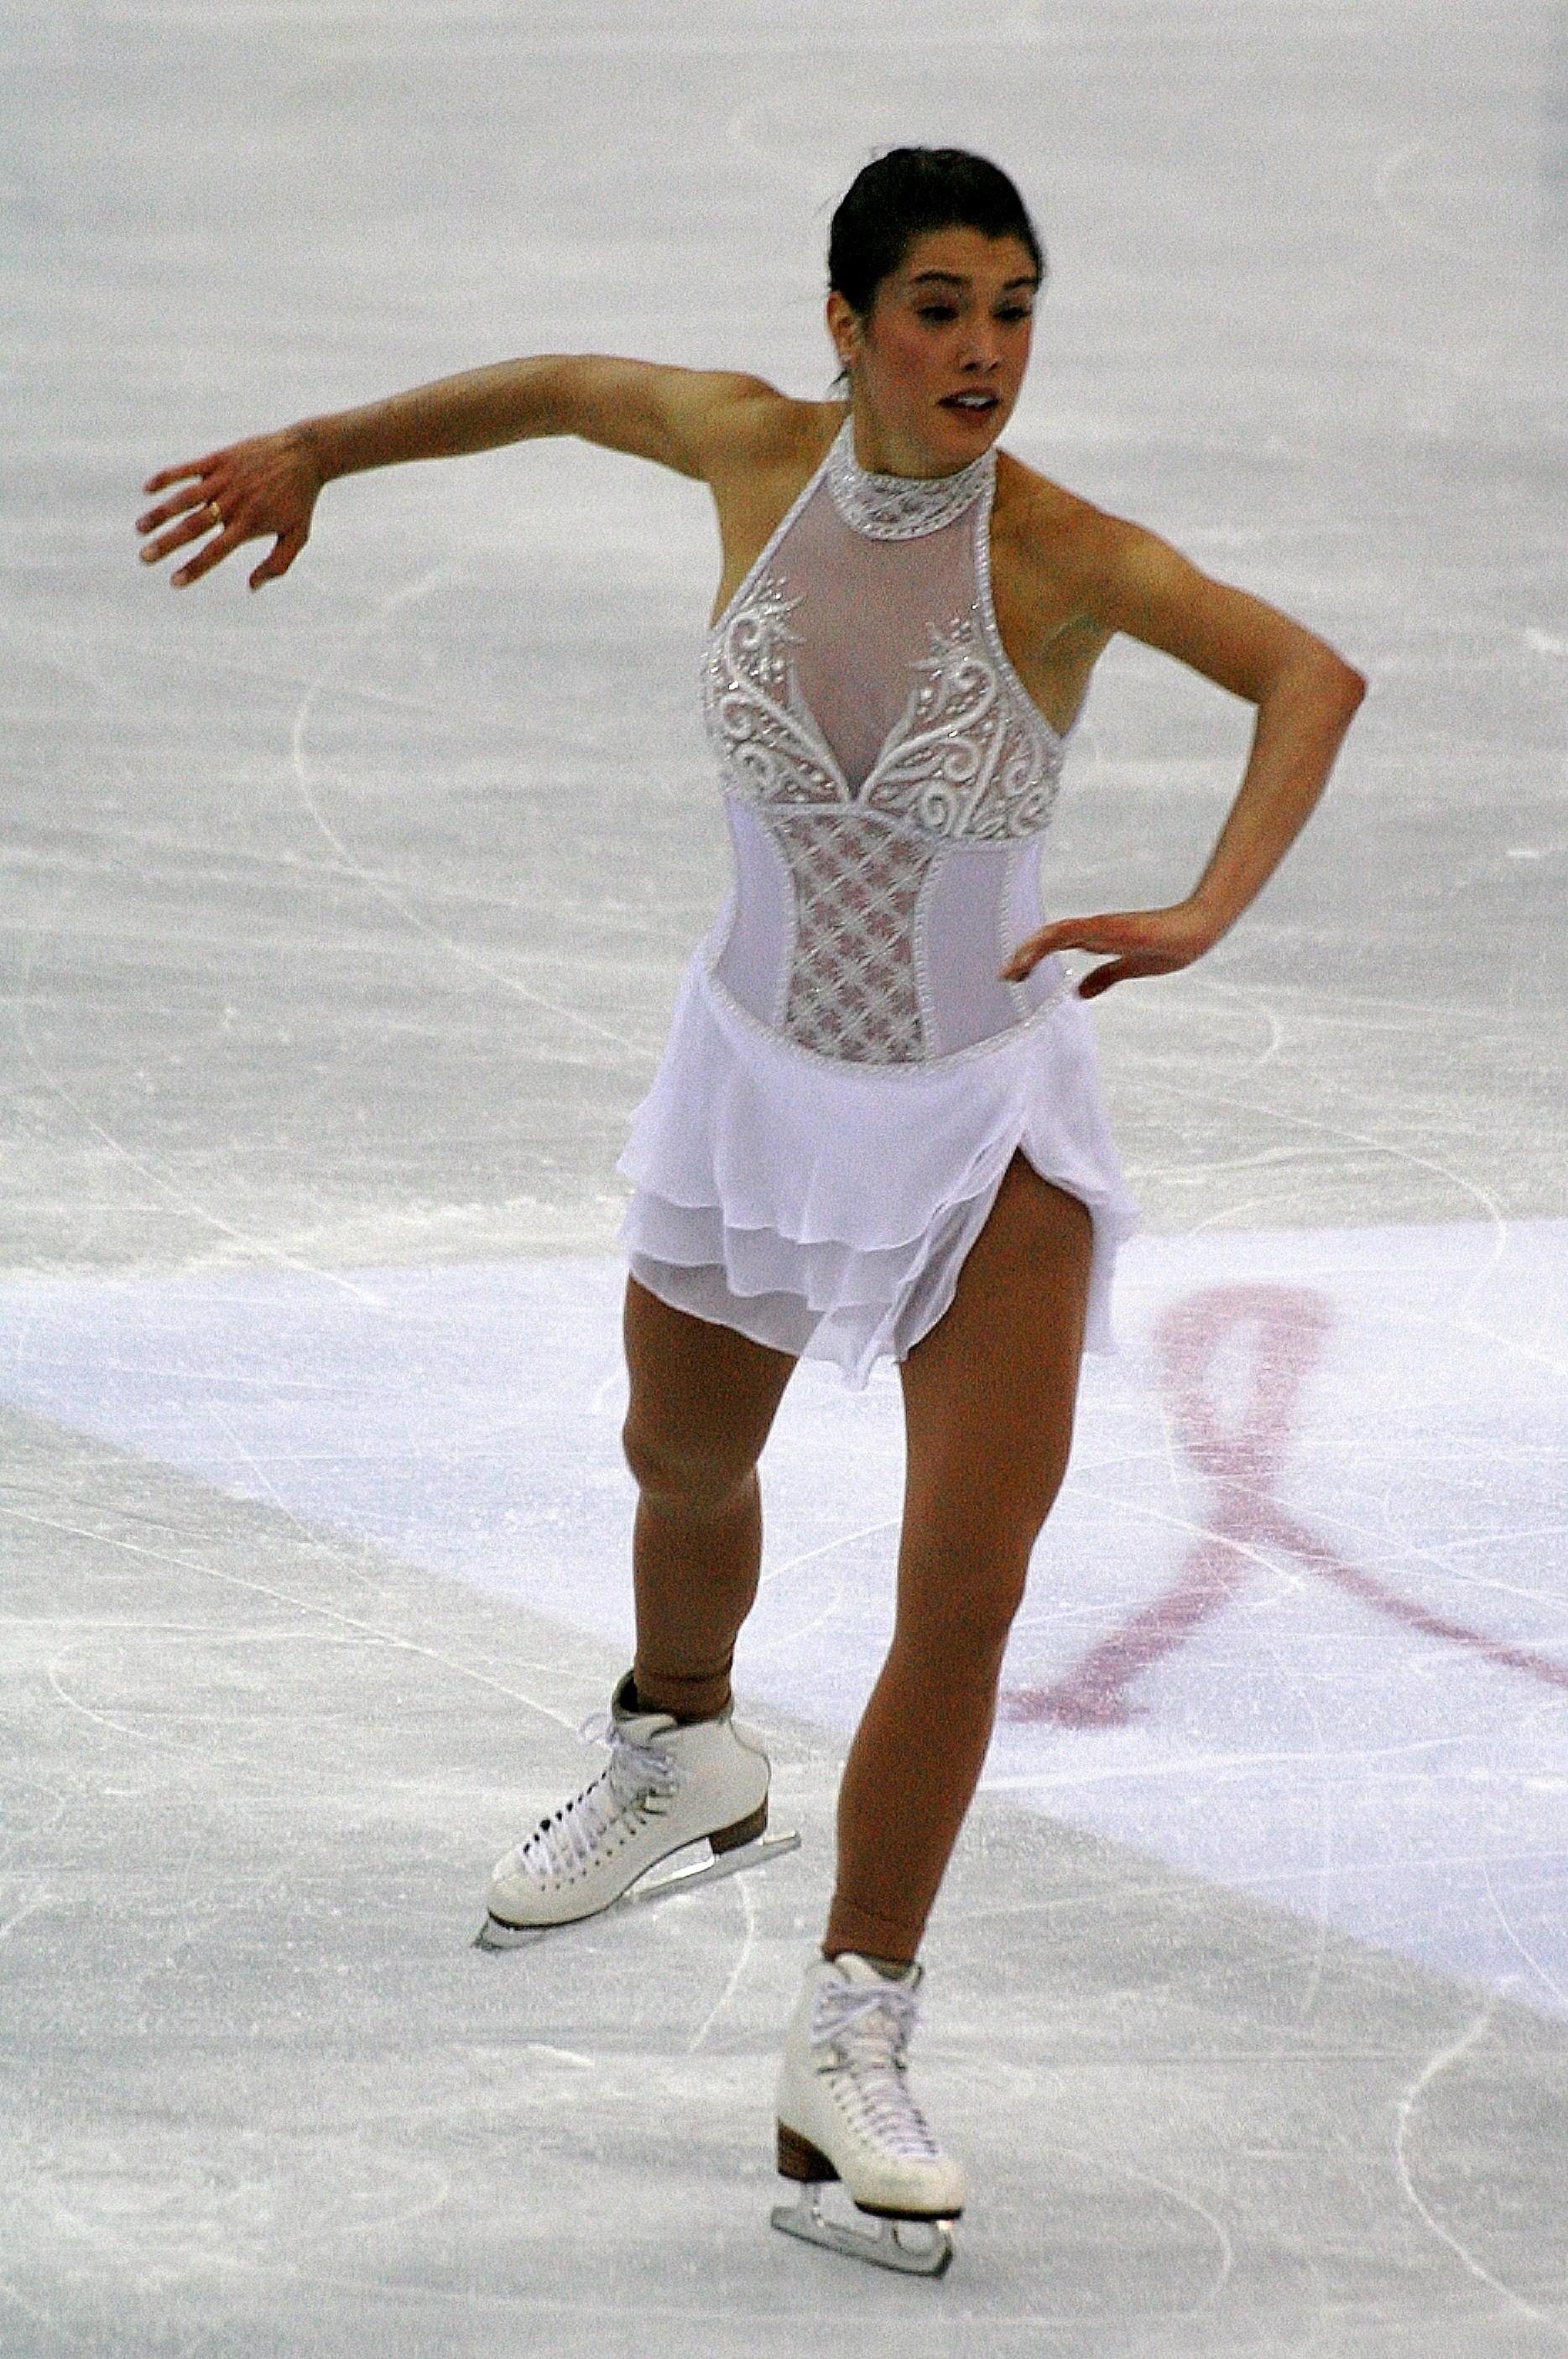 CLIP Alissa Czisny naked (19 pic)